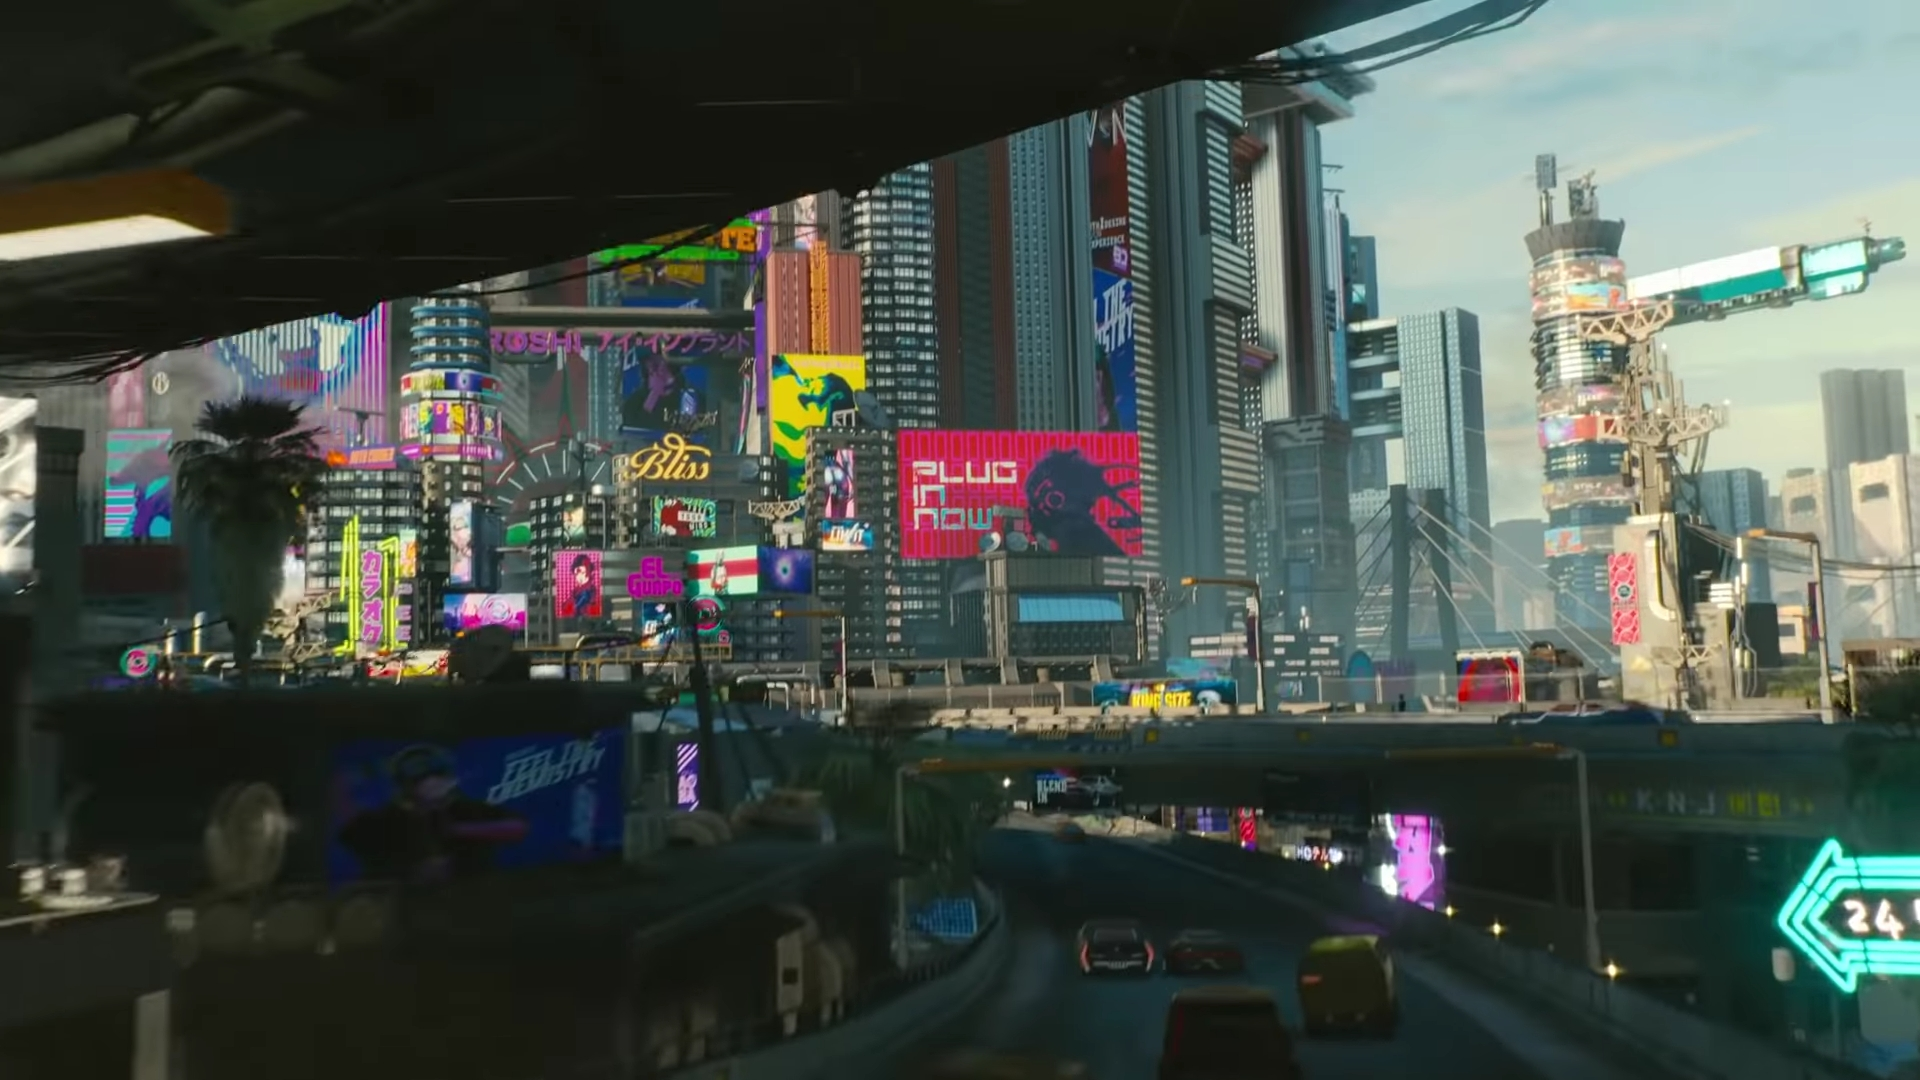 Cyberpunk 2077 - City Center District - Cyberpunk 2077 map ...